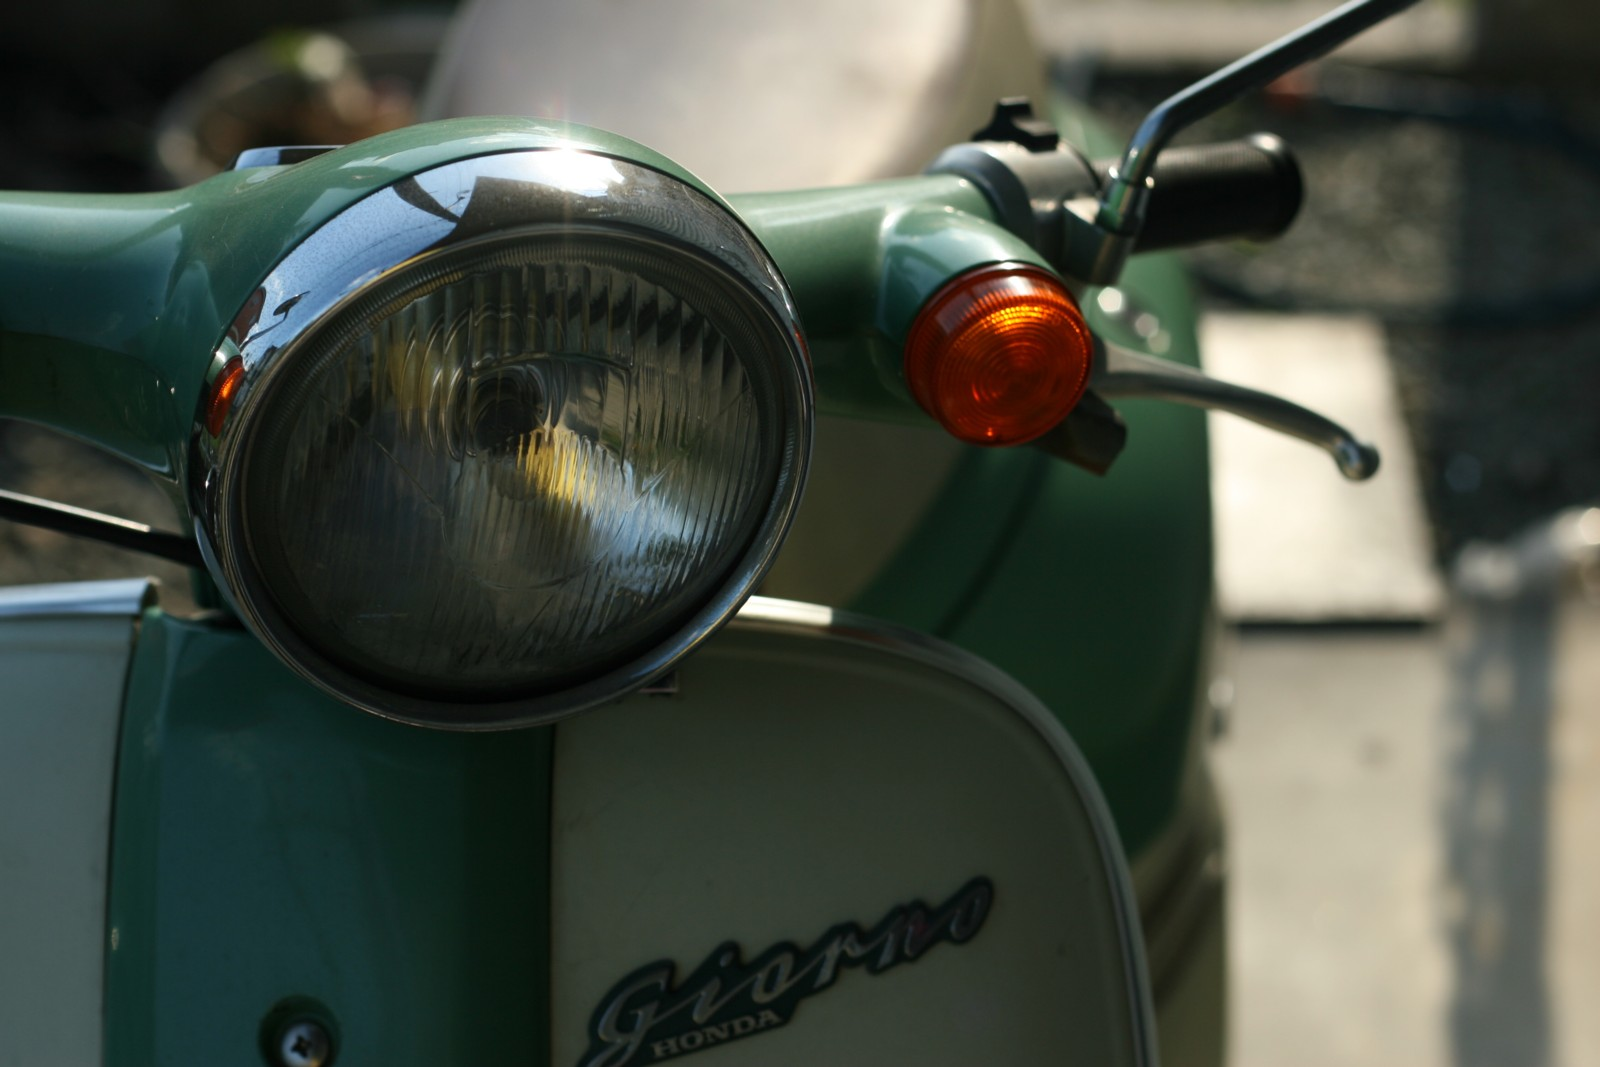 原付バイクの燃費ってどれくらい走れるの?主要車種の燃費調べましたのサムネイル画像